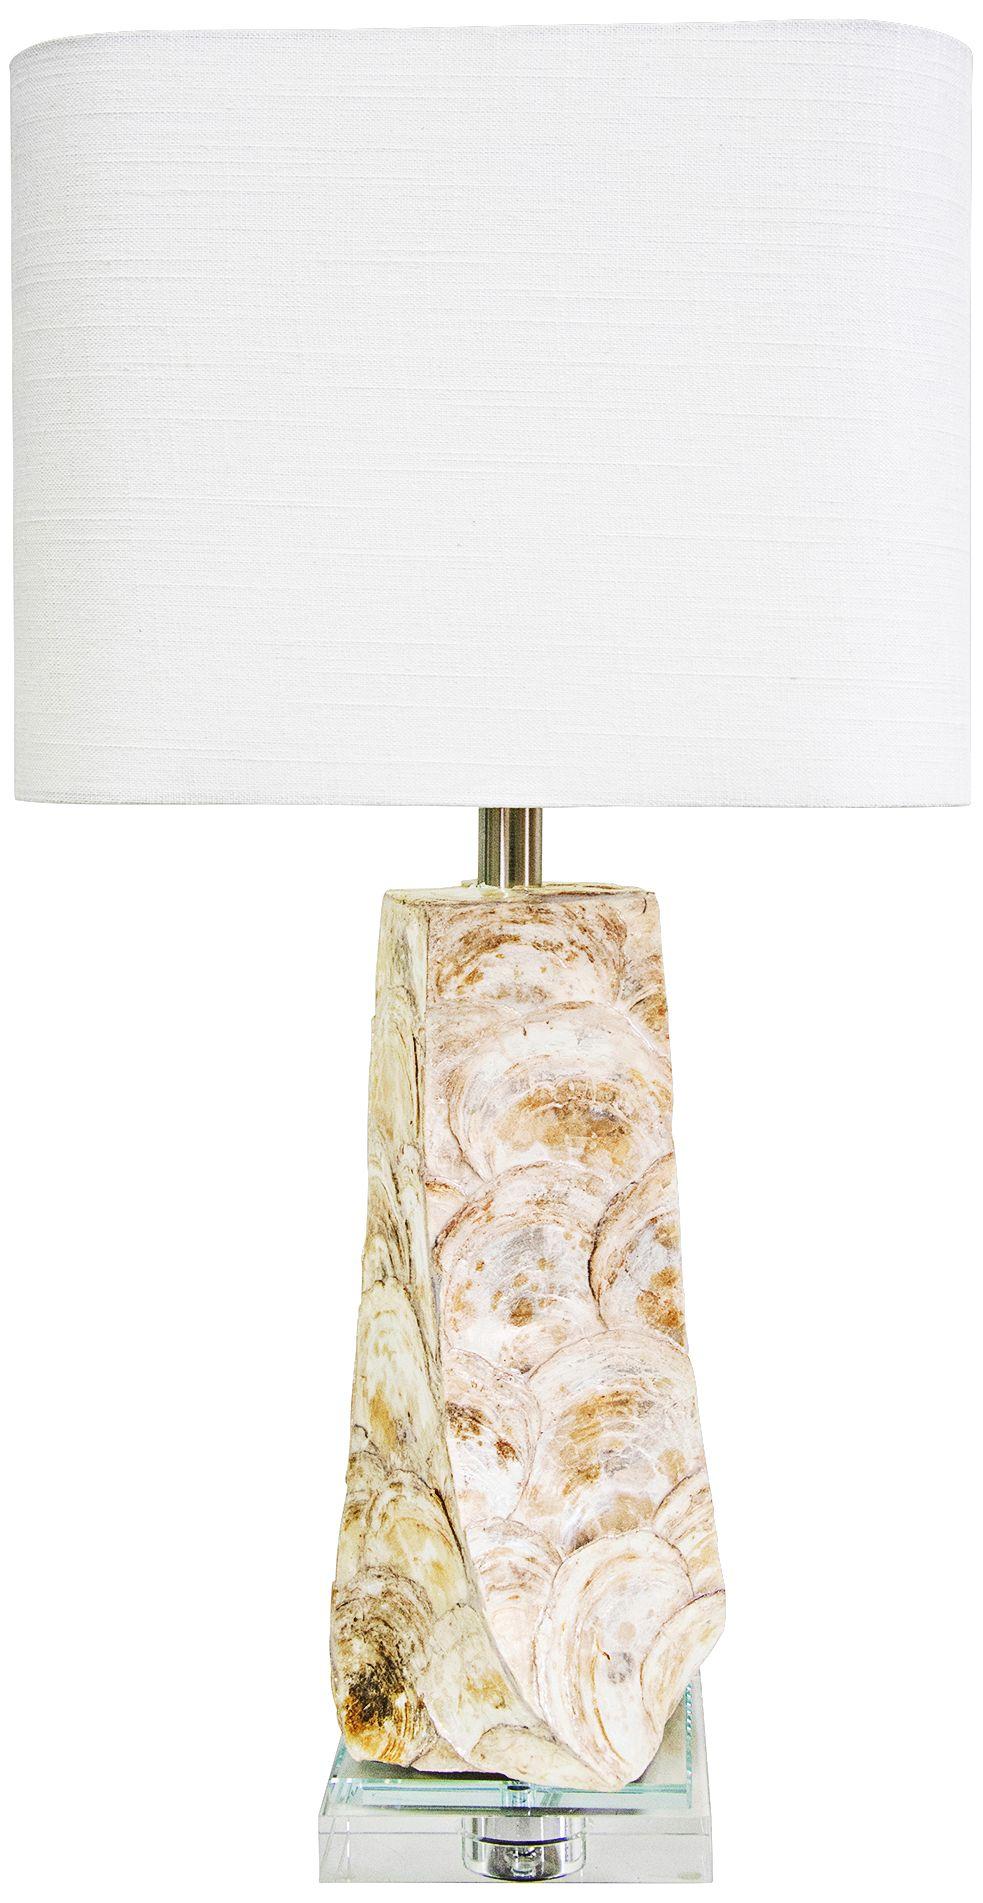 Genial Lamps Plus